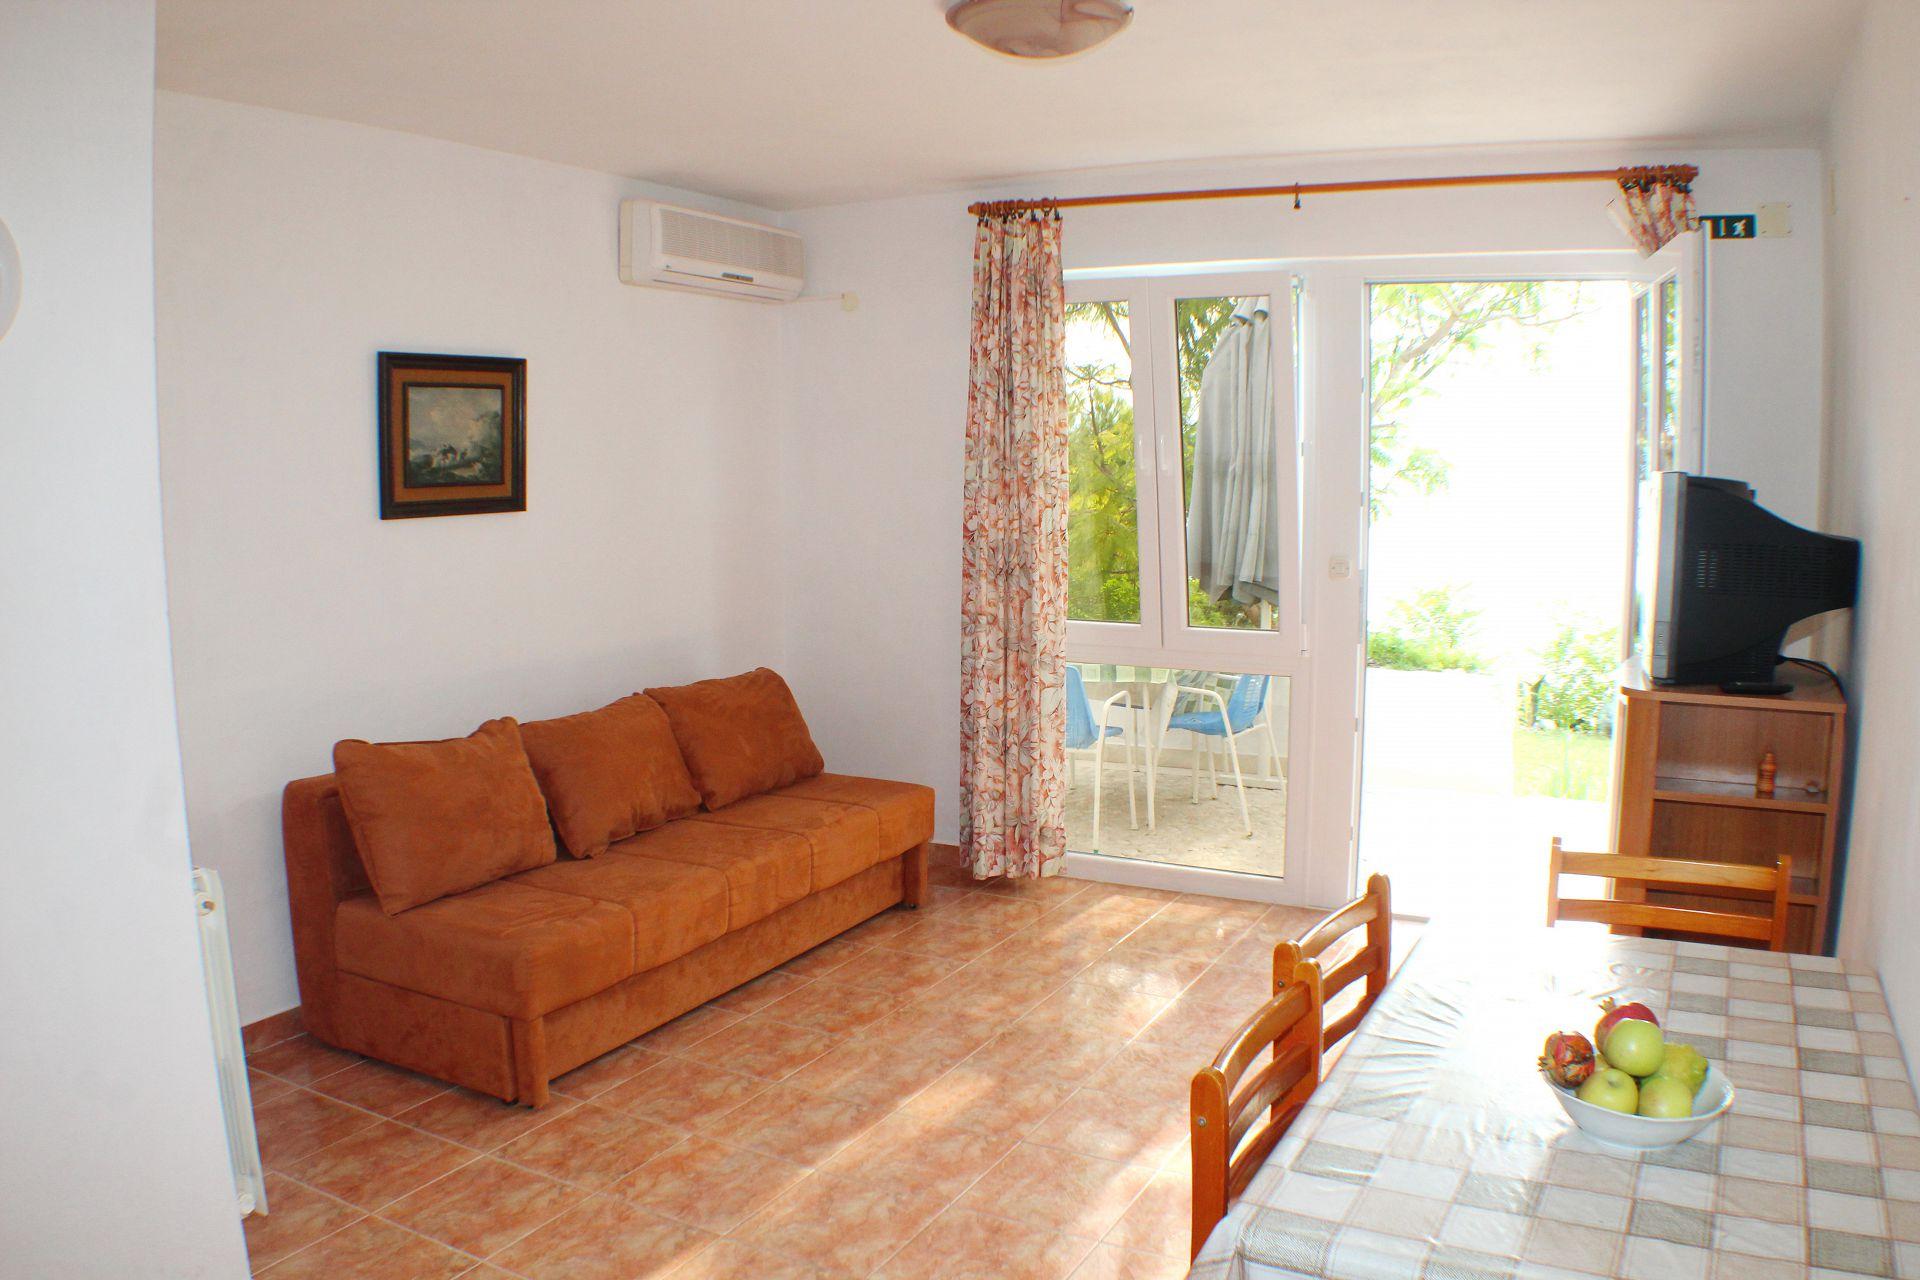 Ferienwohnung 5147  A4 Somina(2+2) - Brist (739134), Podaca, , Dalmatien, Kroatien, Bild 12